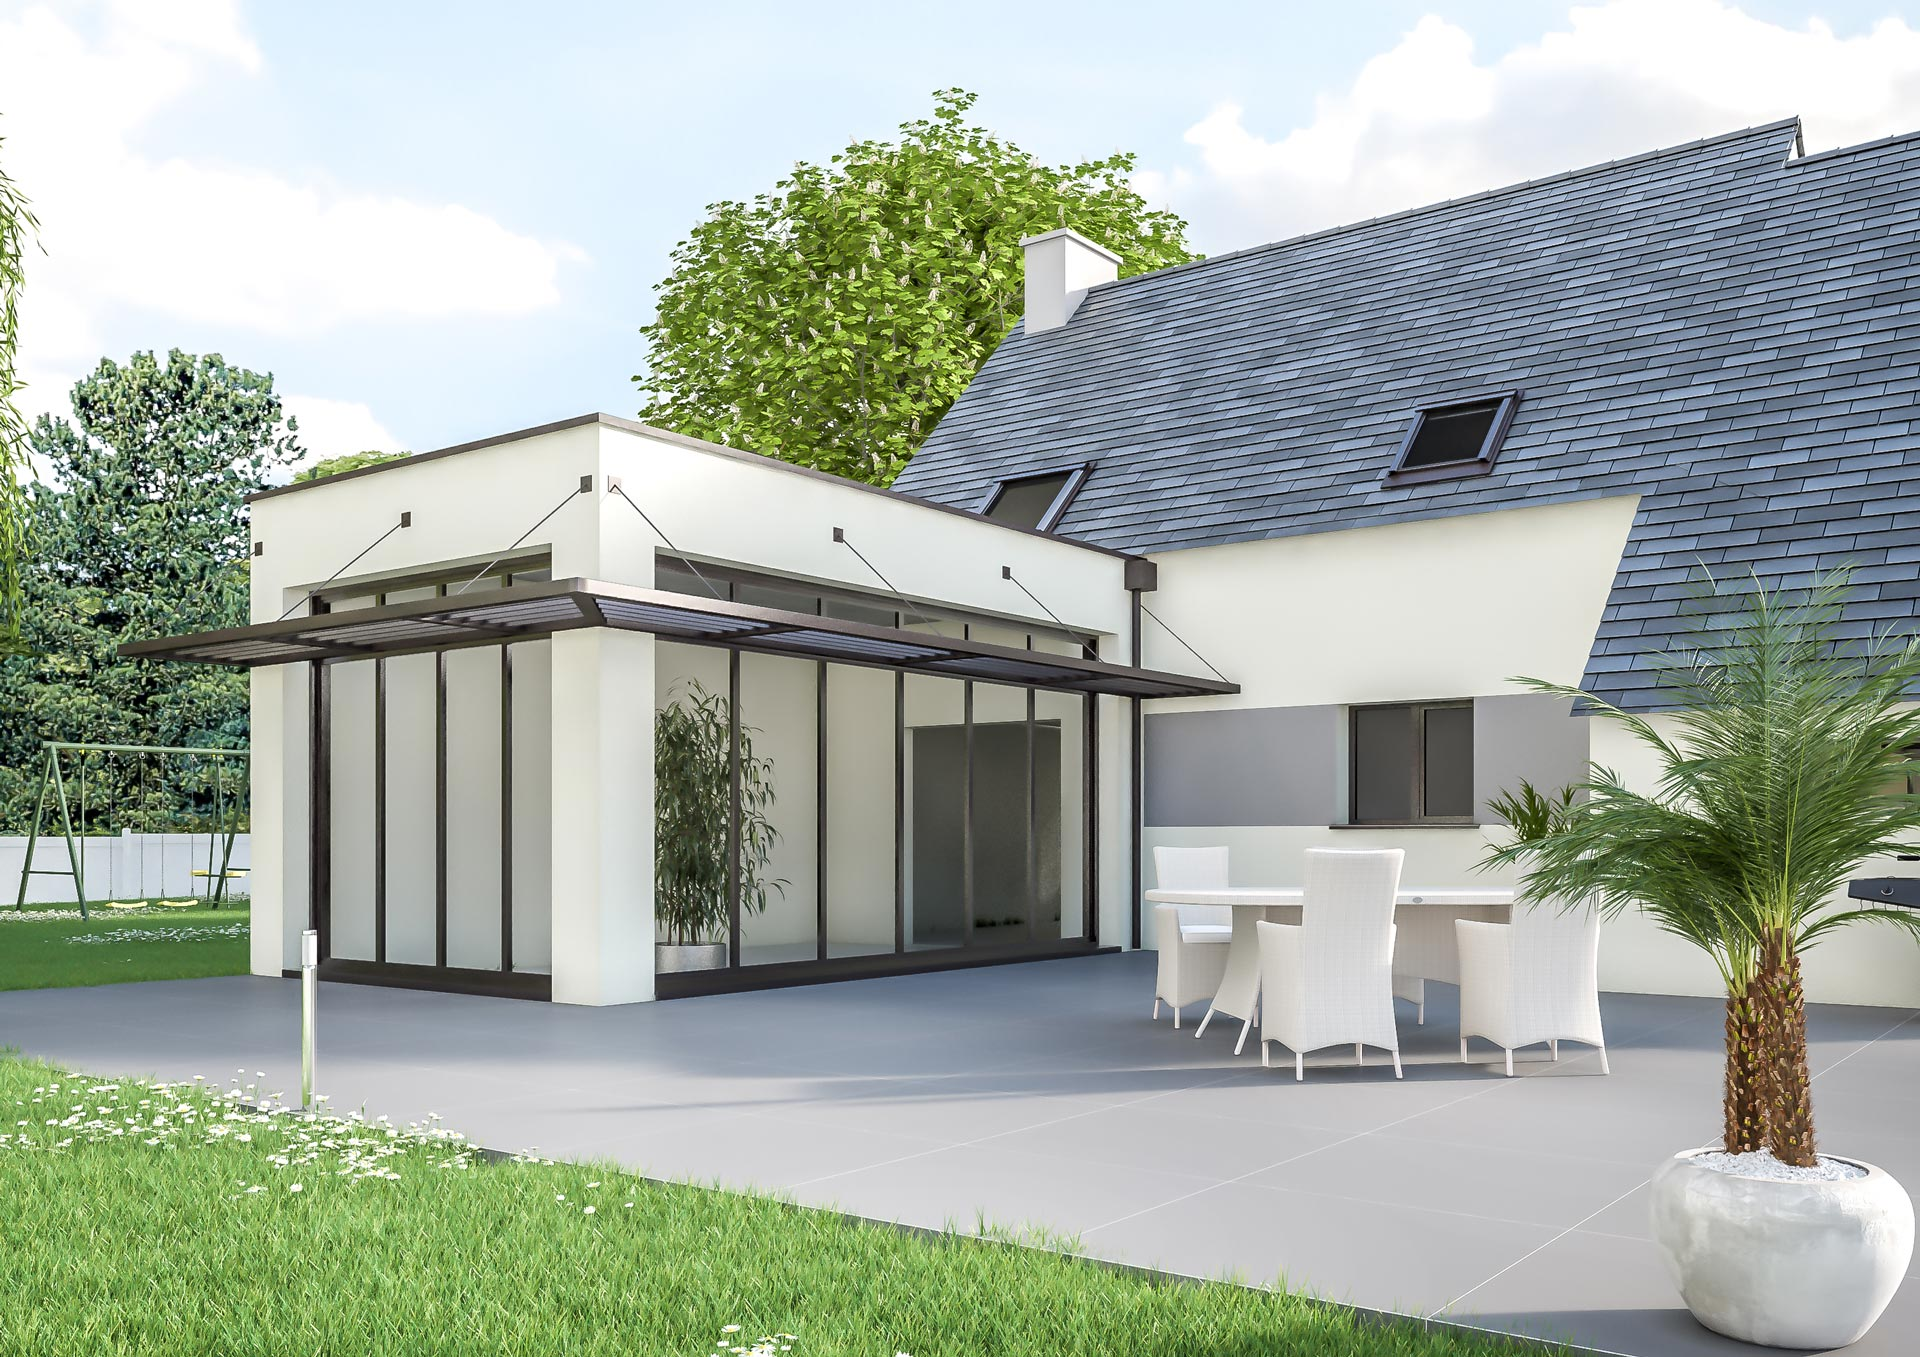 extension de maison design pour agrandir sa maison. Black Bedroom Furniture Sets. Home Design Ideas